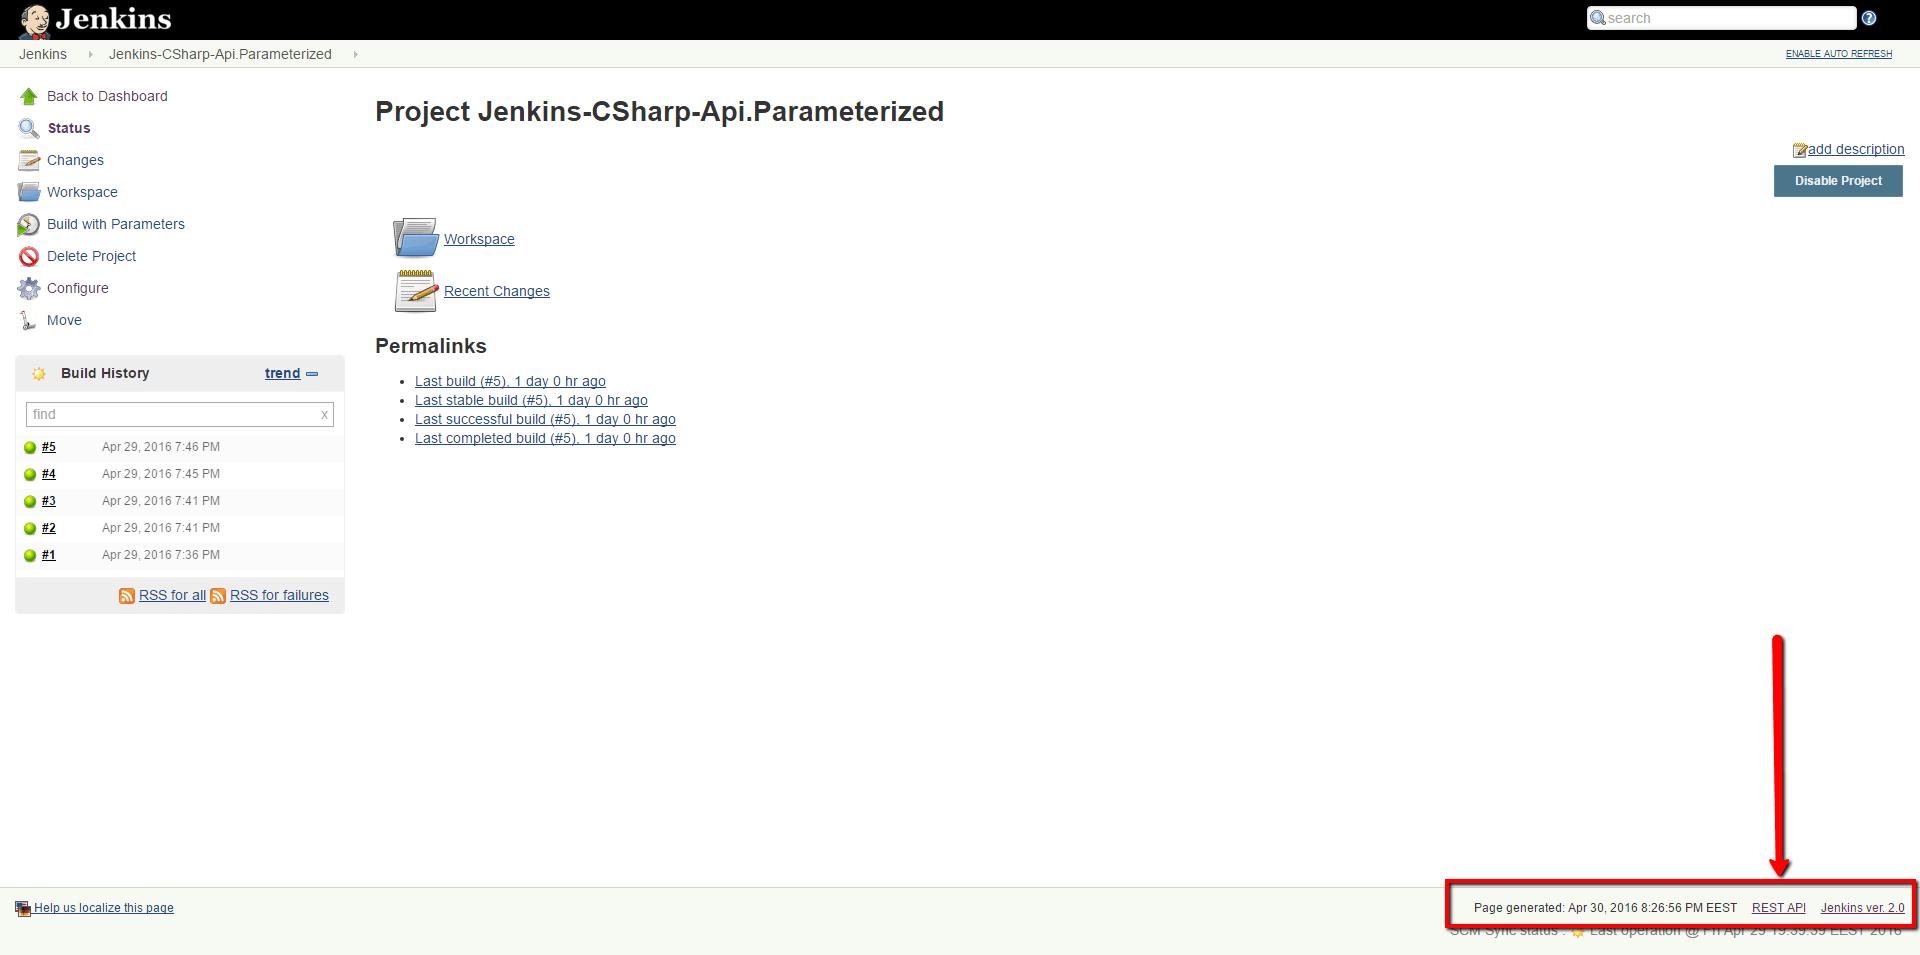 Jenkins REST API URL